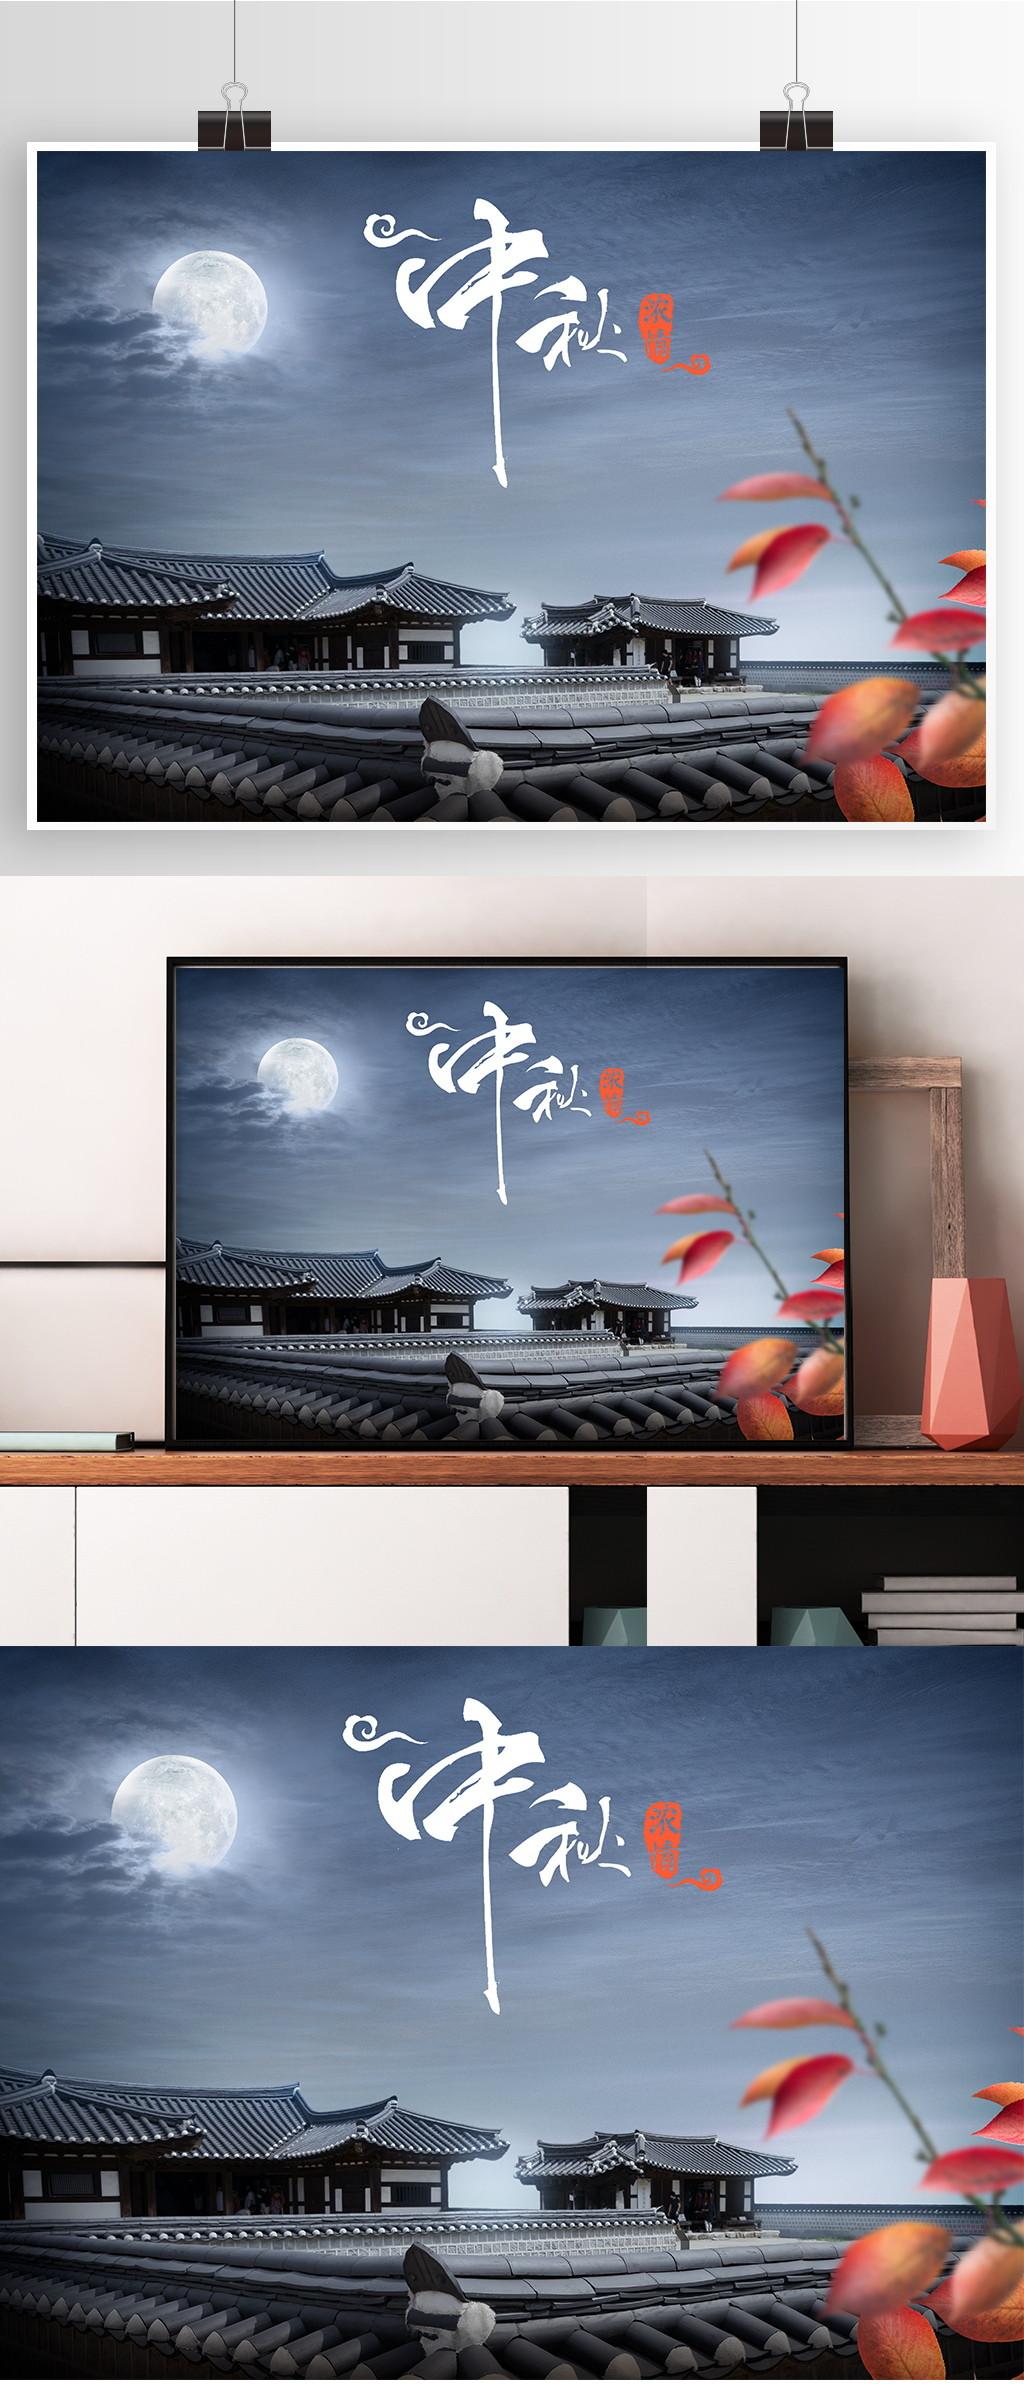 中秋节月亮月饼传统中式建筑场景海报PSD素材模板